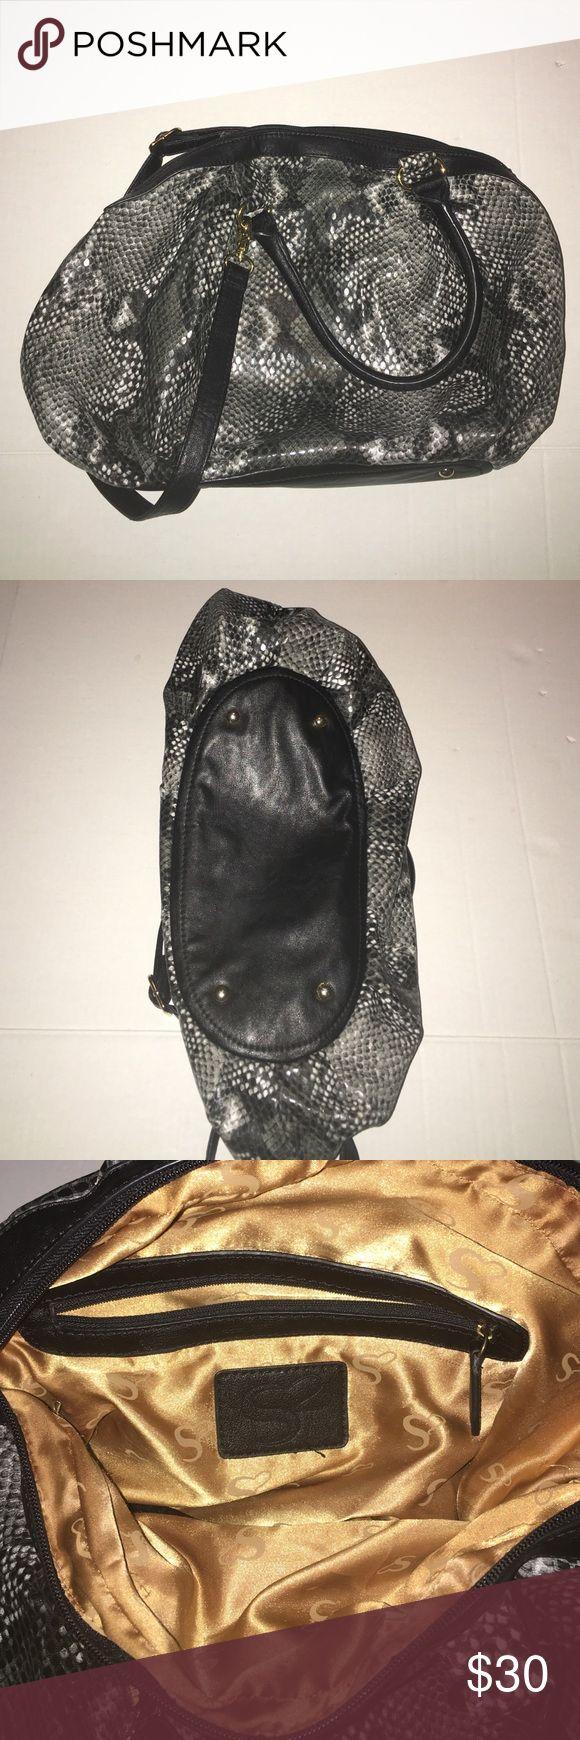 1 DAY SALE ⭐️⭐️ Snakeskin Serena Williams handbag Large Serena Williams purse snakeskin pattern. Shoulder strap included. Serena Williams Bags Shoulder Bags